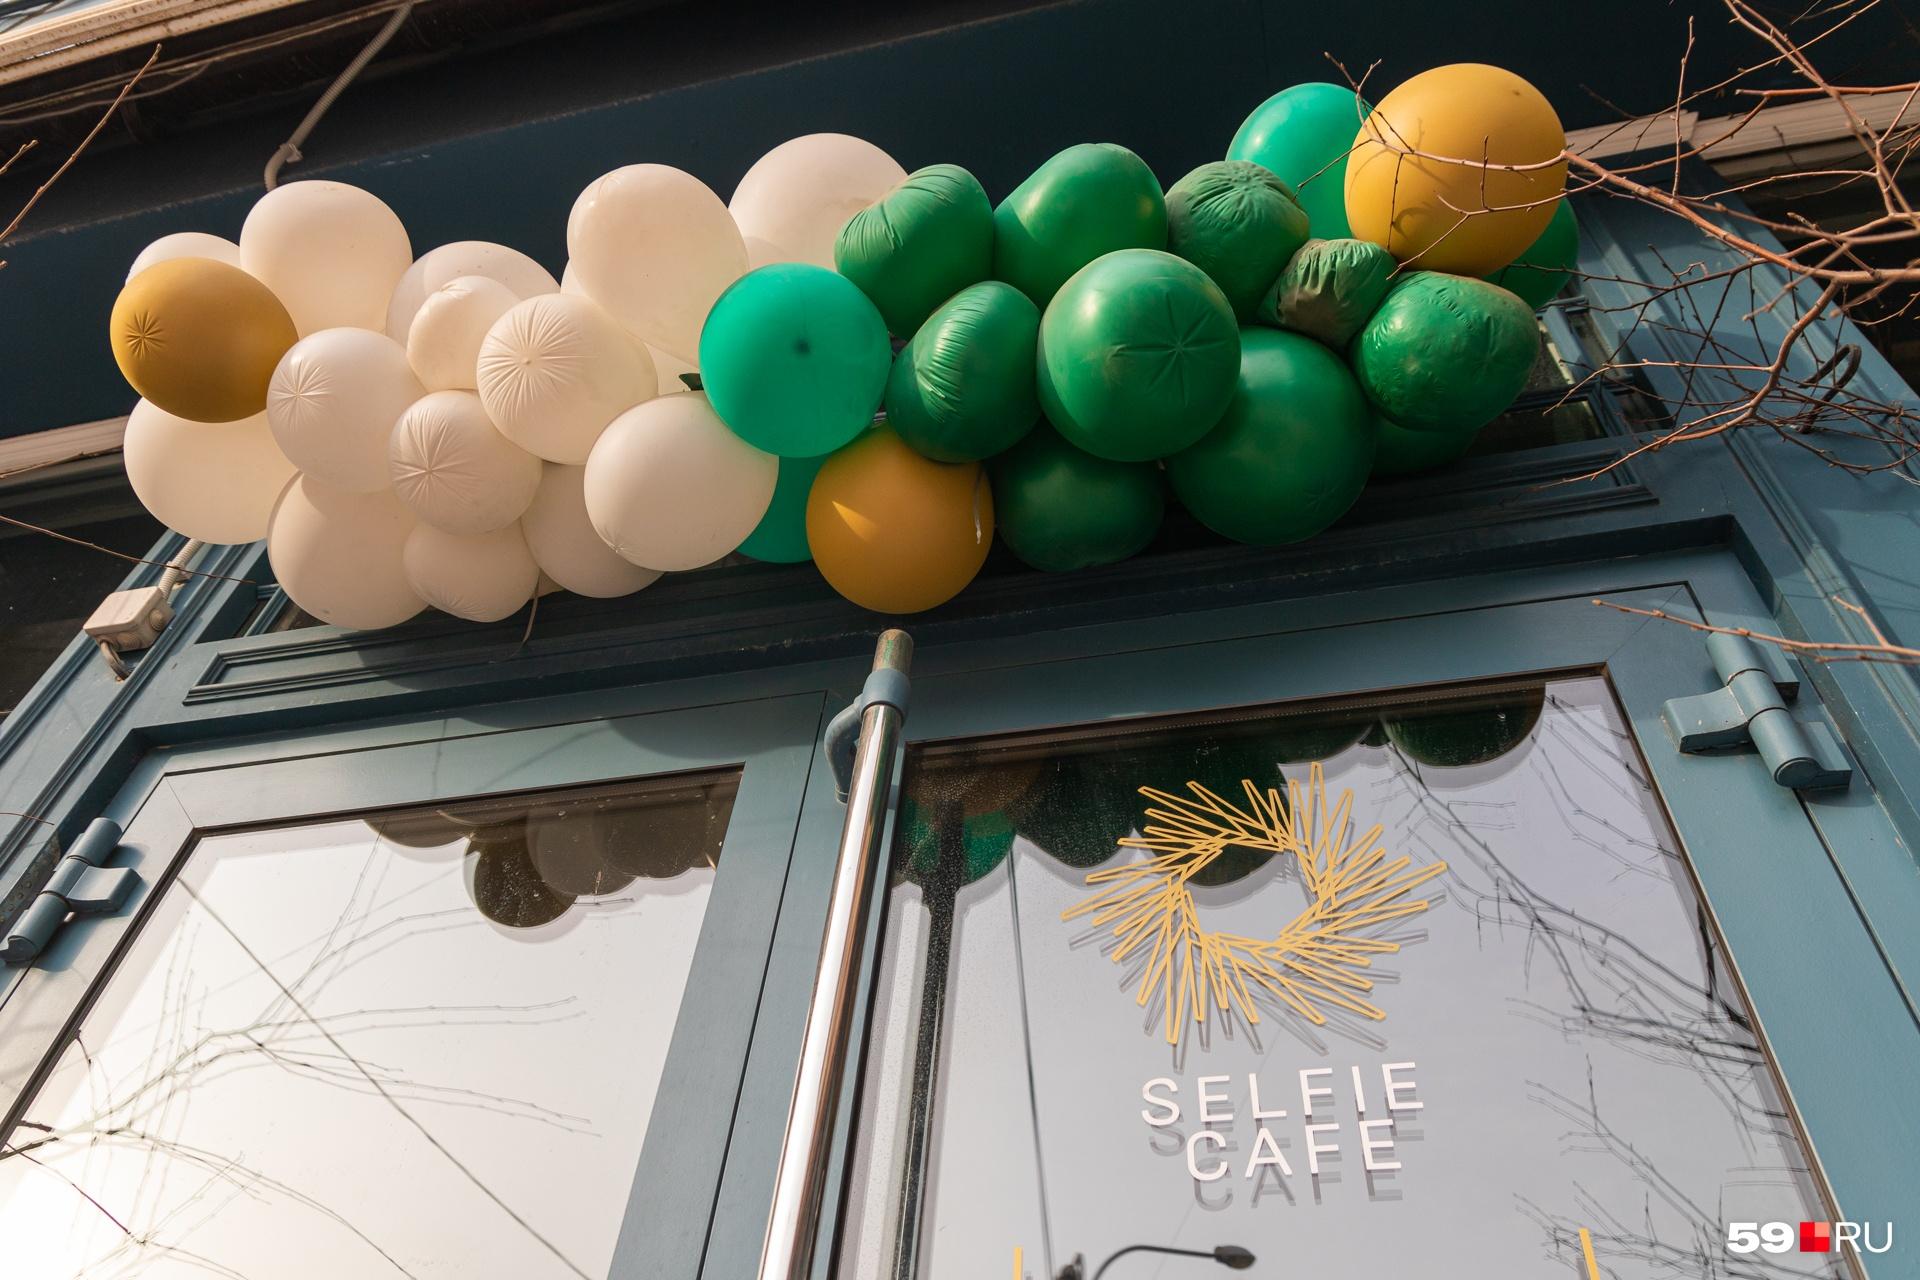 Пожухли шарики у «Селфикафе» на перекрестке Краснова и Комсомольского проспекта